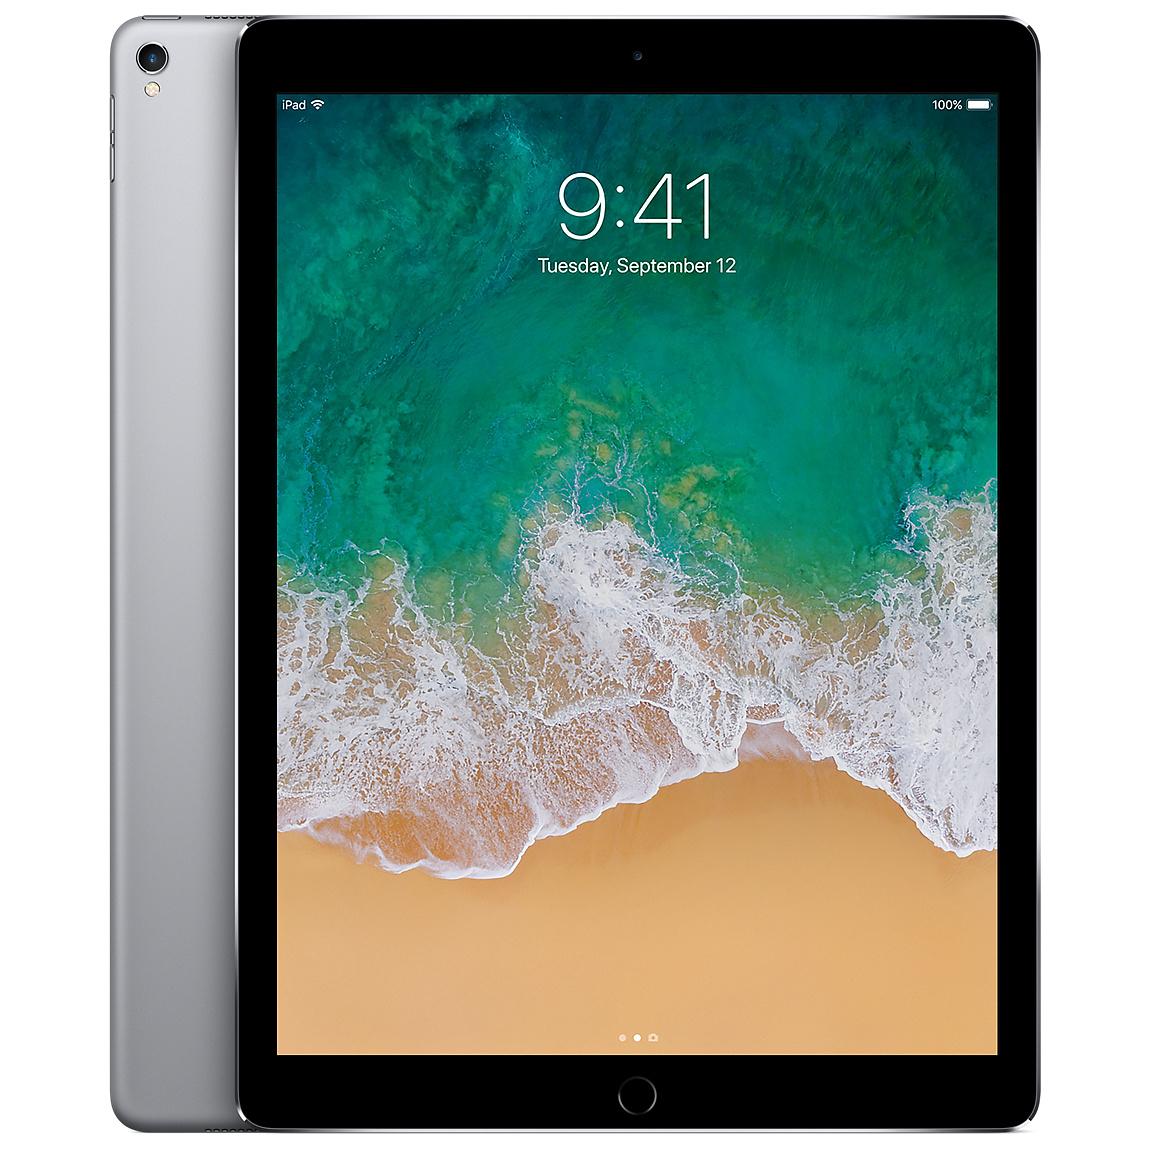 iPad Pro 12.9 (2017) - Pro 12.9 (2017)